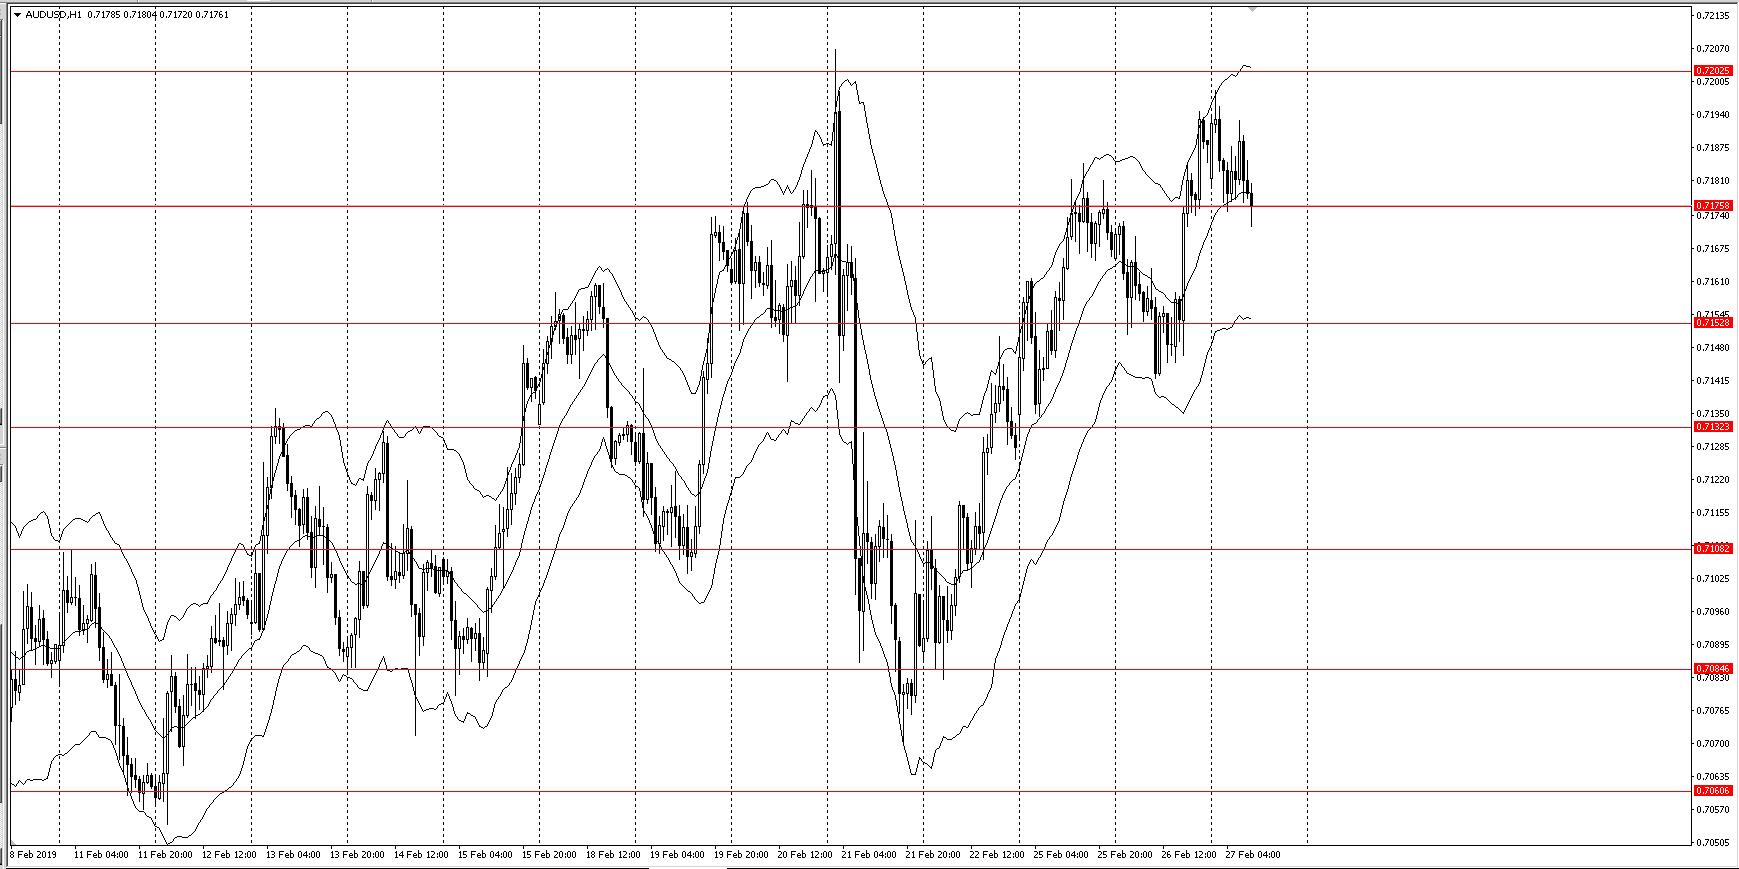 phan-tich-chart-traderviet5.